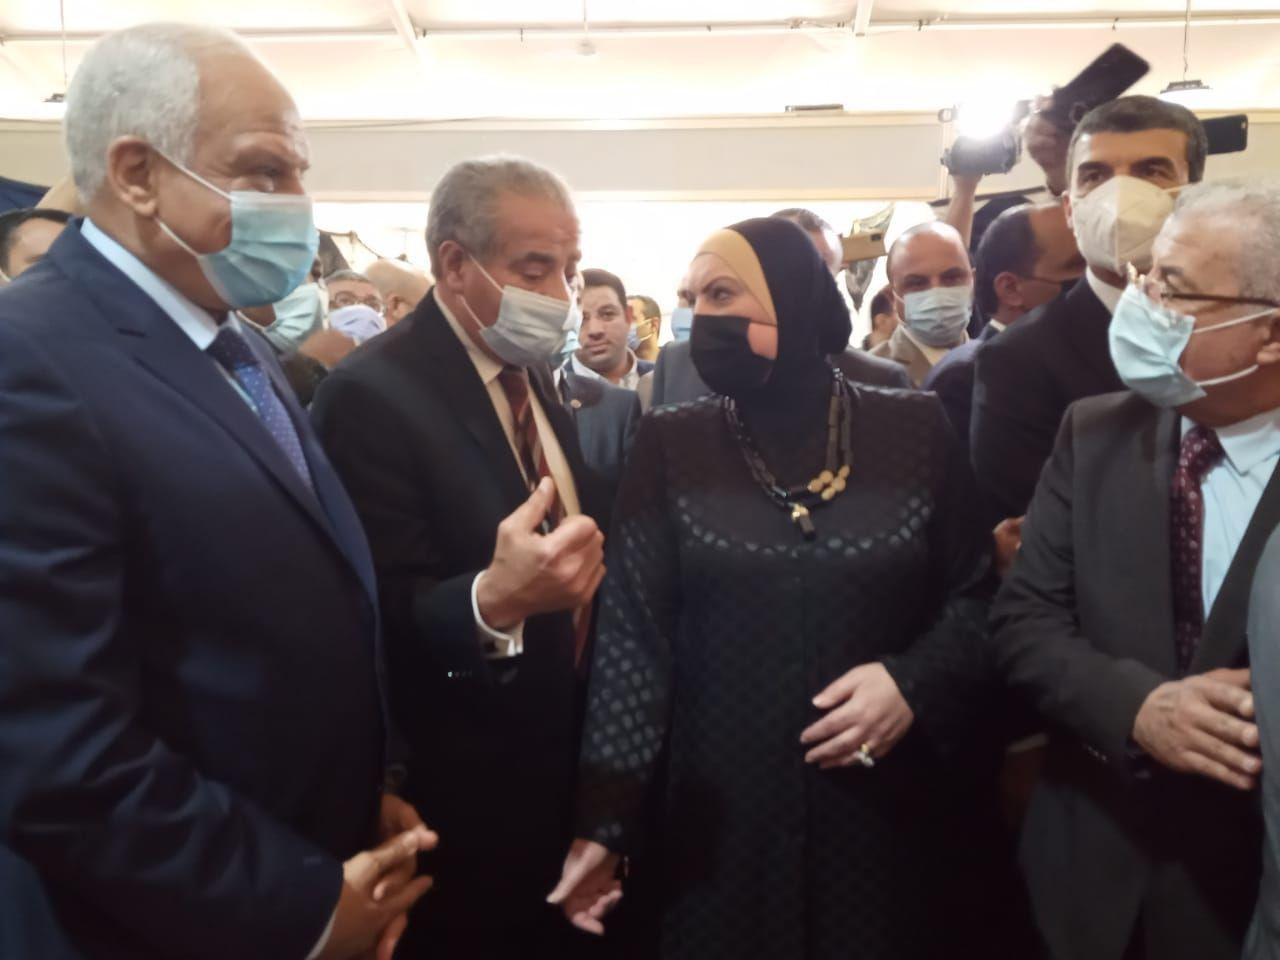 وزير التموين ووزيرة الصناعة ومحافظ الجيزة خلال افتتاح معرض أهلا رمضان